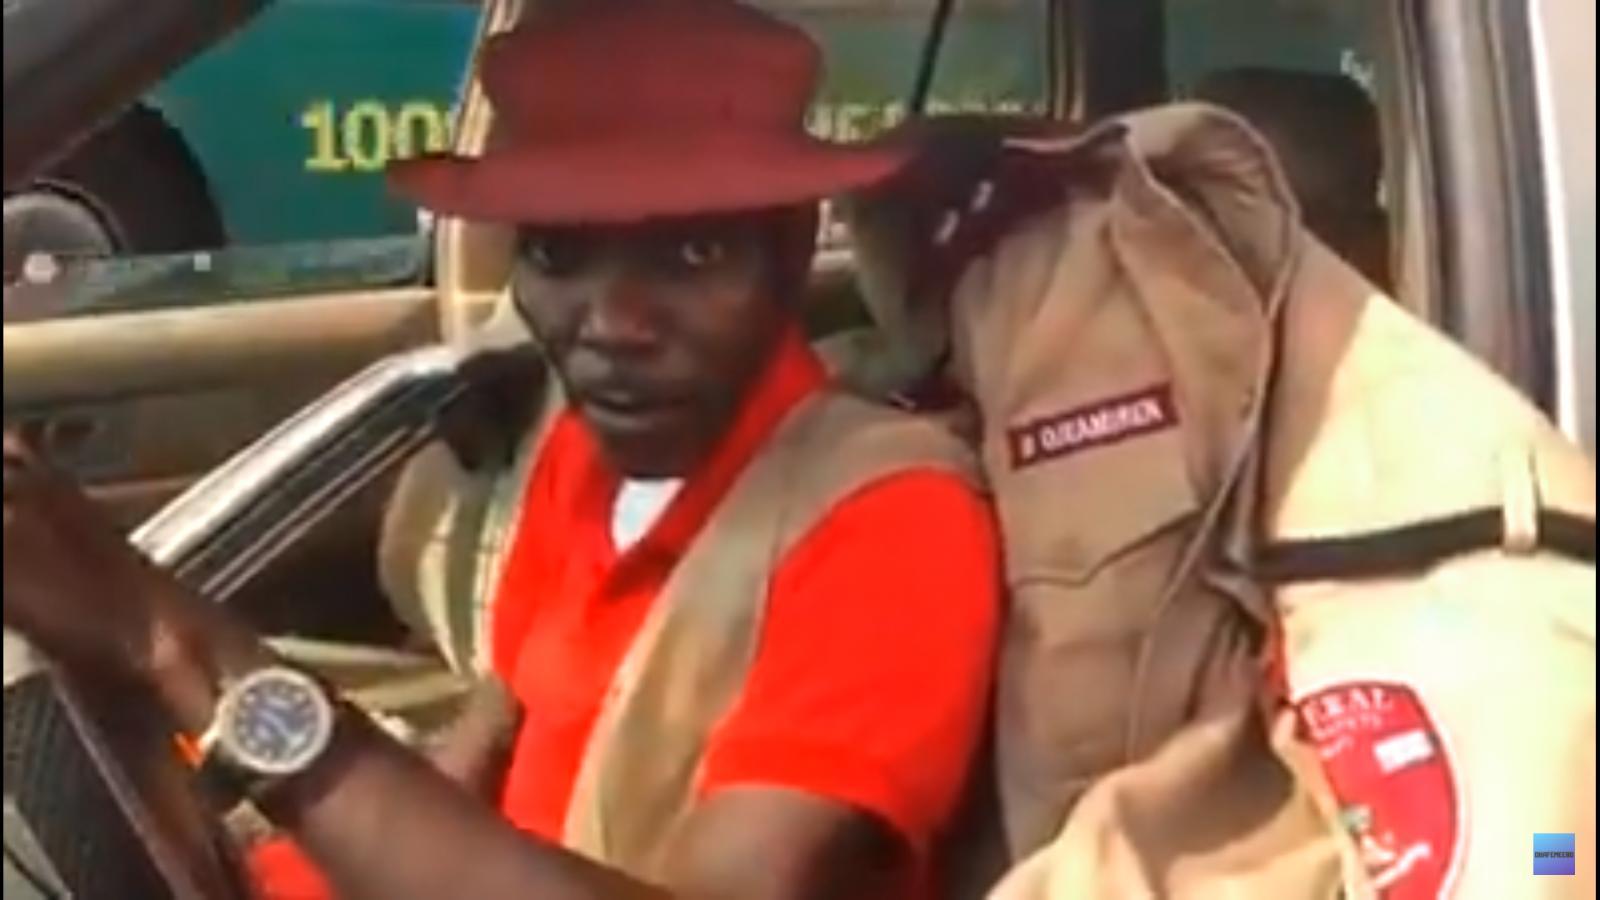 a-drunk-safety-officer-in-nigeria